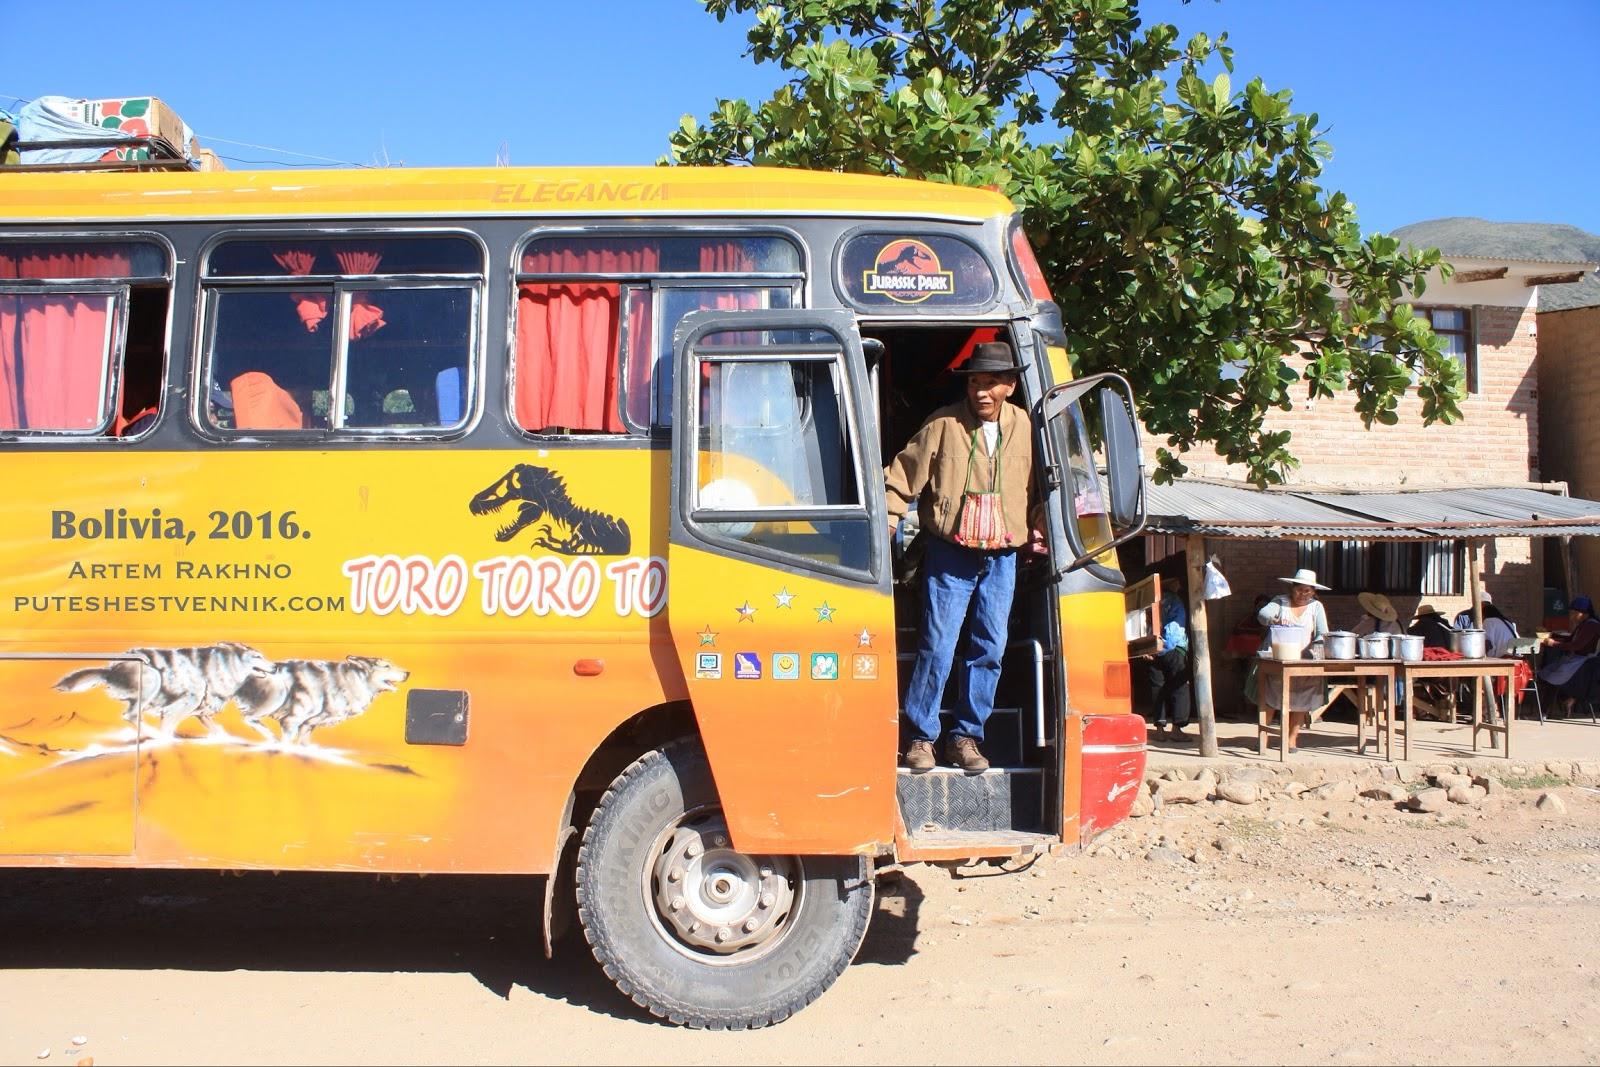 Автобус и боливиец